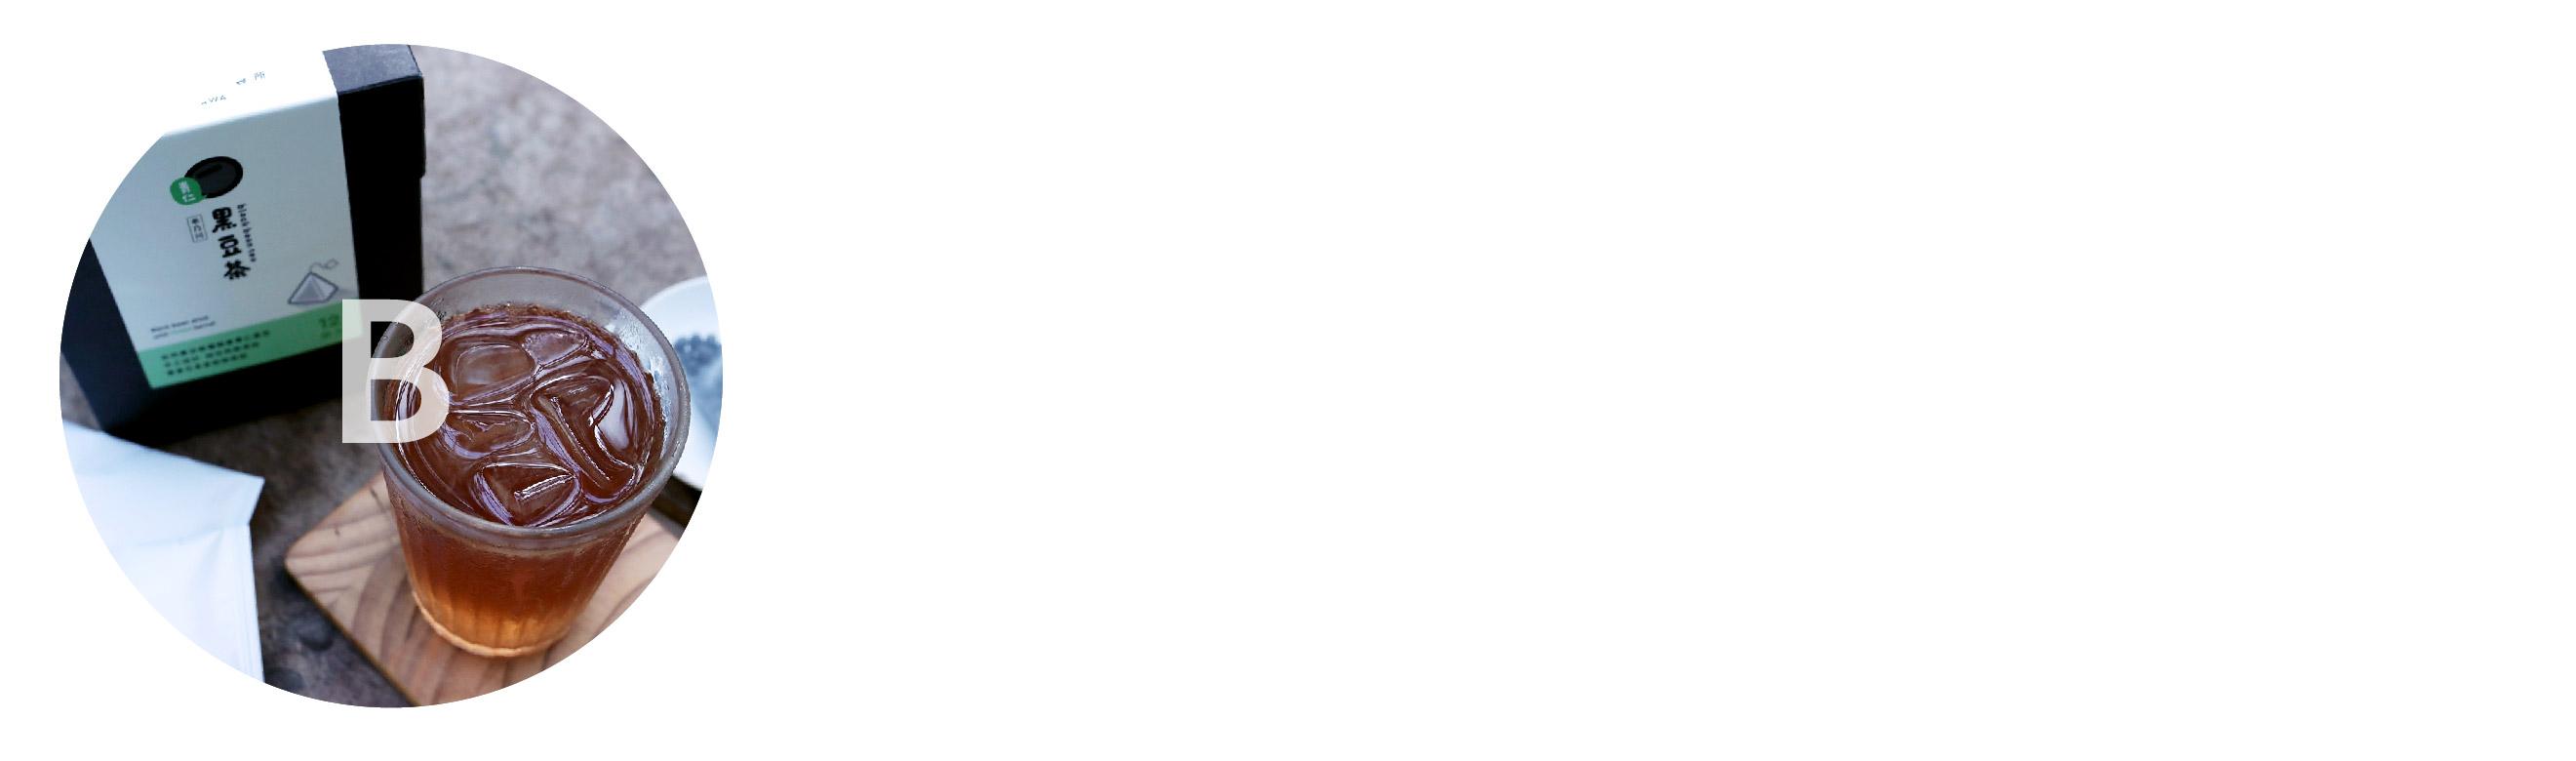 甘樂文創社創良品採購型錄_工作區域 1 複本 41.jpg